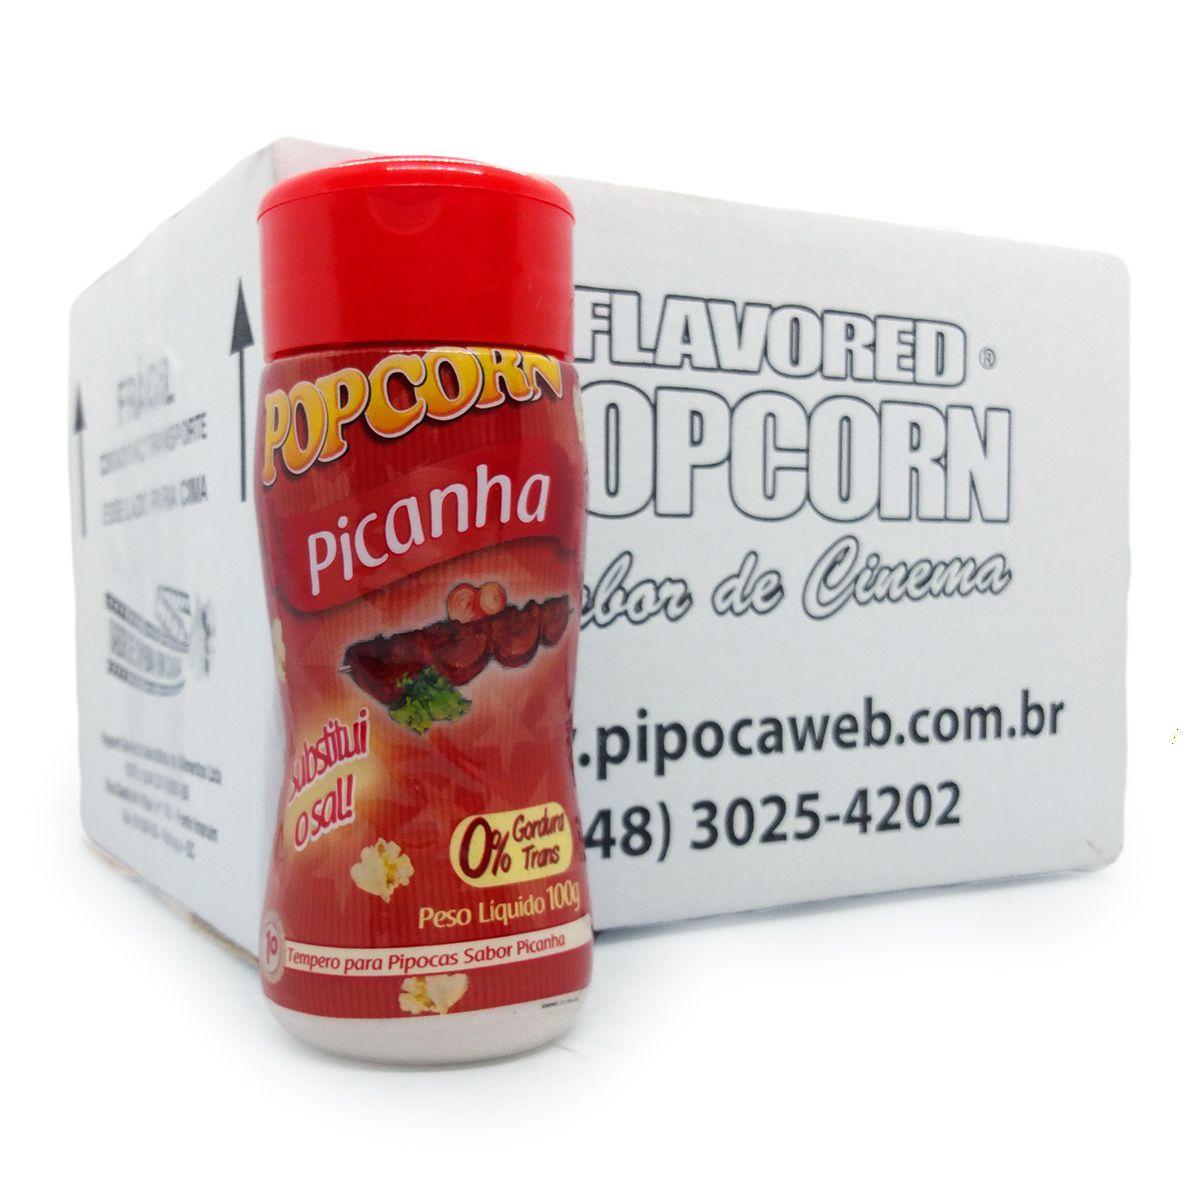 TEMPEROS P/ PIPOCA - SABOR PICANHA 100g - Caixa c/ 12 Un - R$ 7,66 Cada